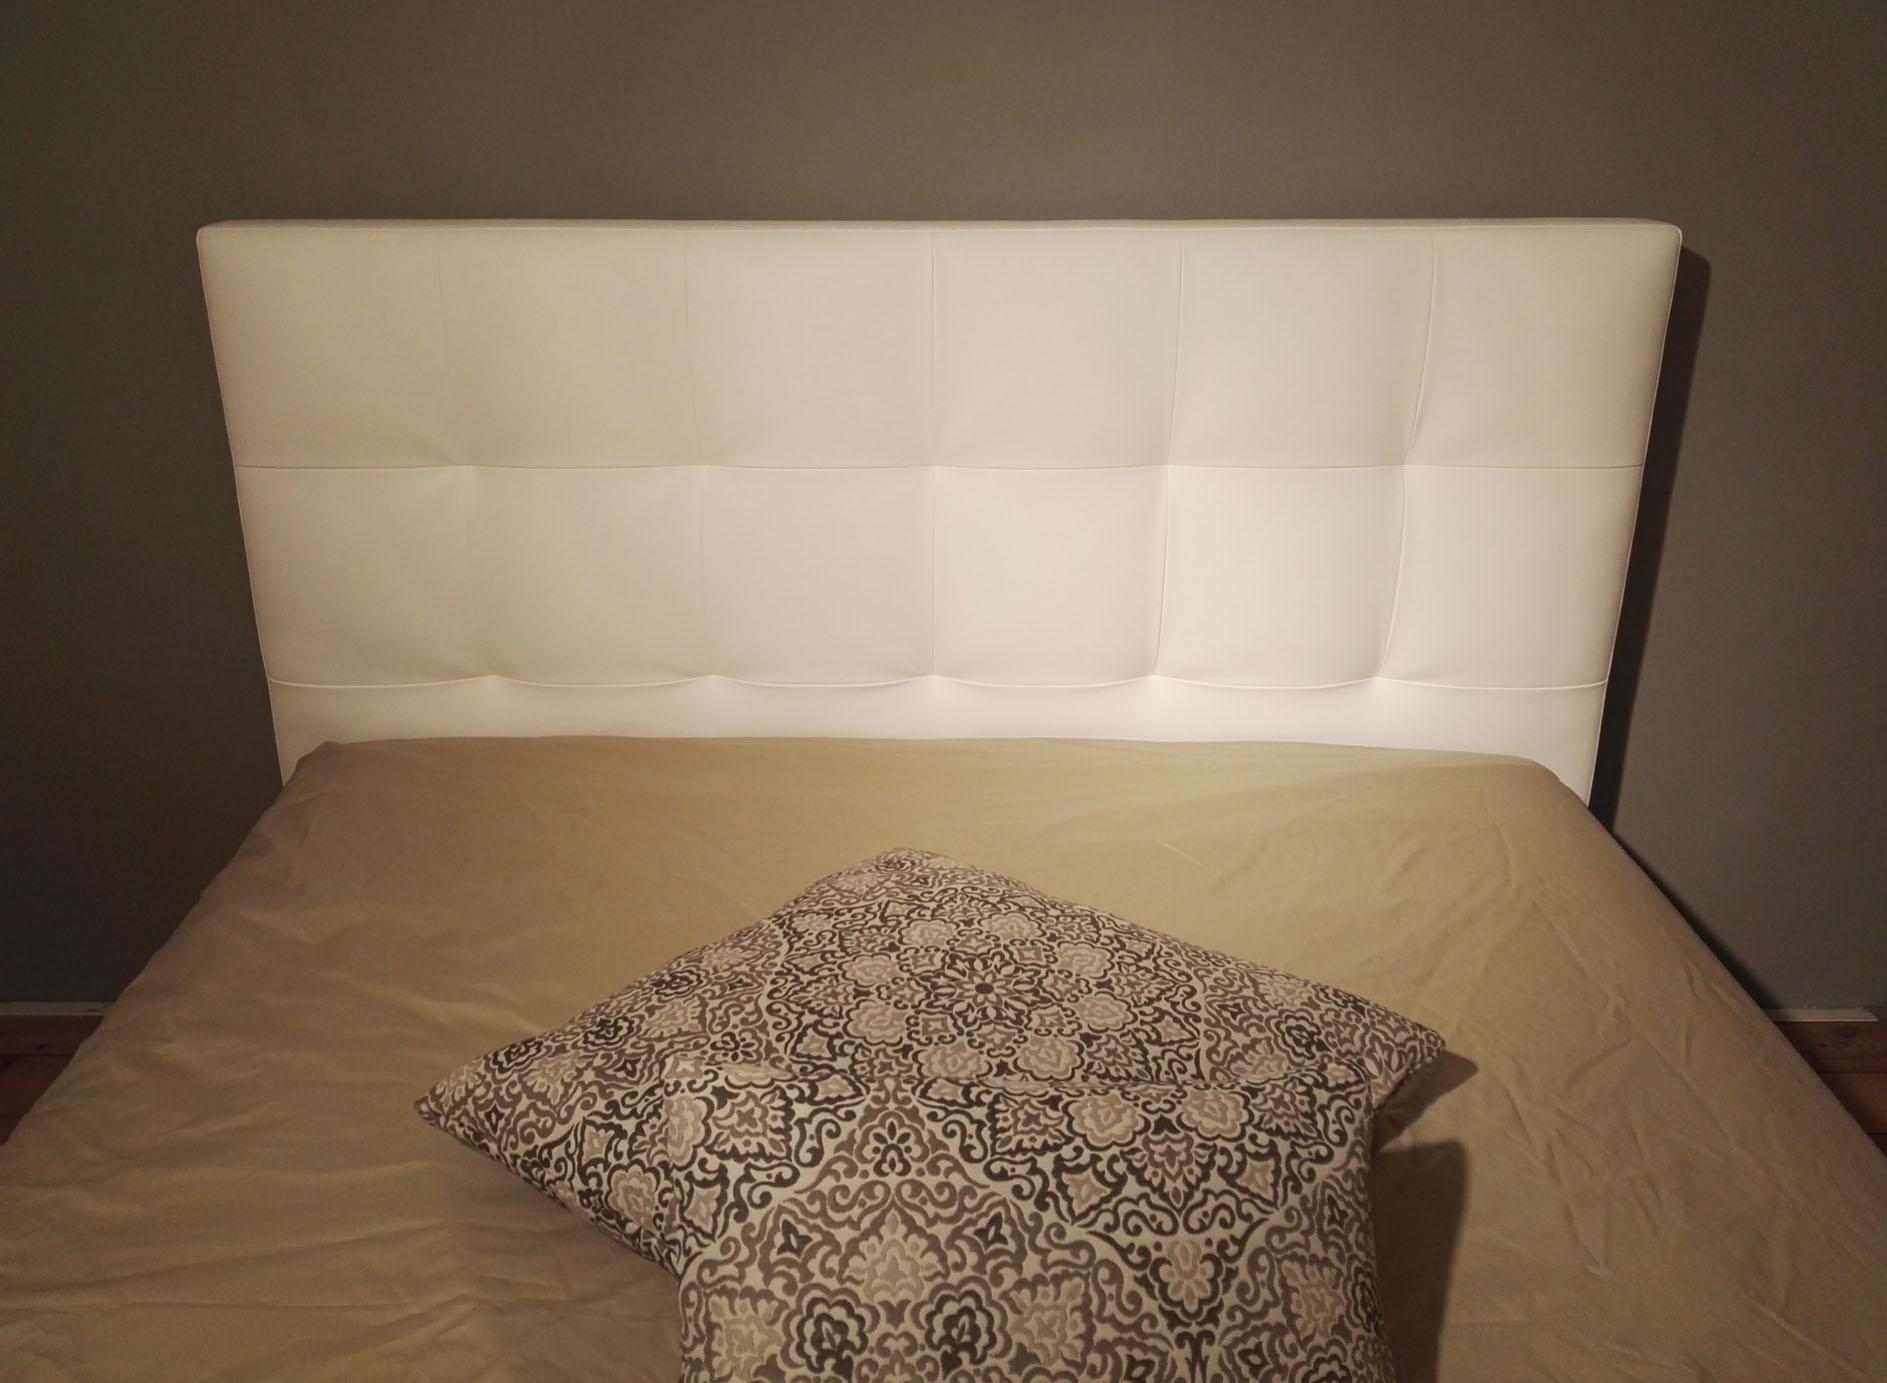 Letto matrimoniale twils max capitonne basso in ecopelle bianca con contenitore letti a prezzi - Testate letto una piazza e mezzo ...